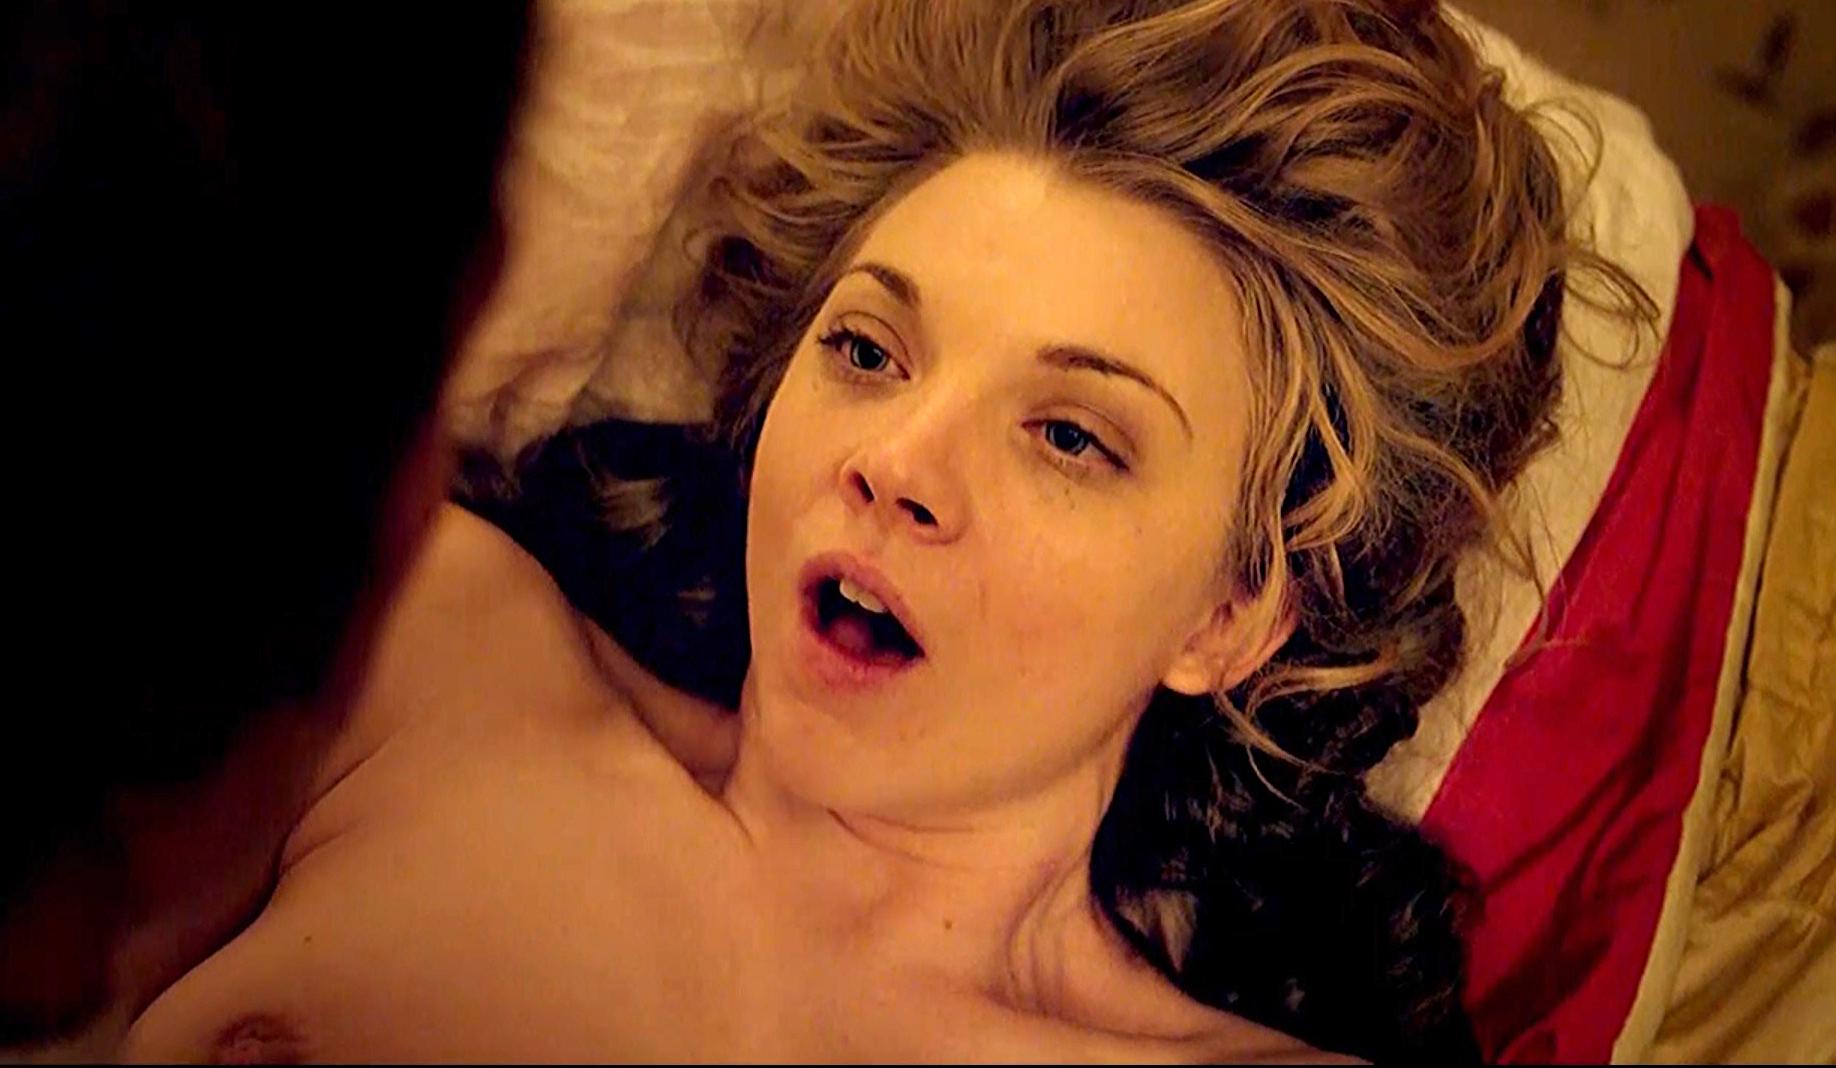 Natalie Dormer Porn+ natalie dormer nude sex scene in the scandalous lady w movie